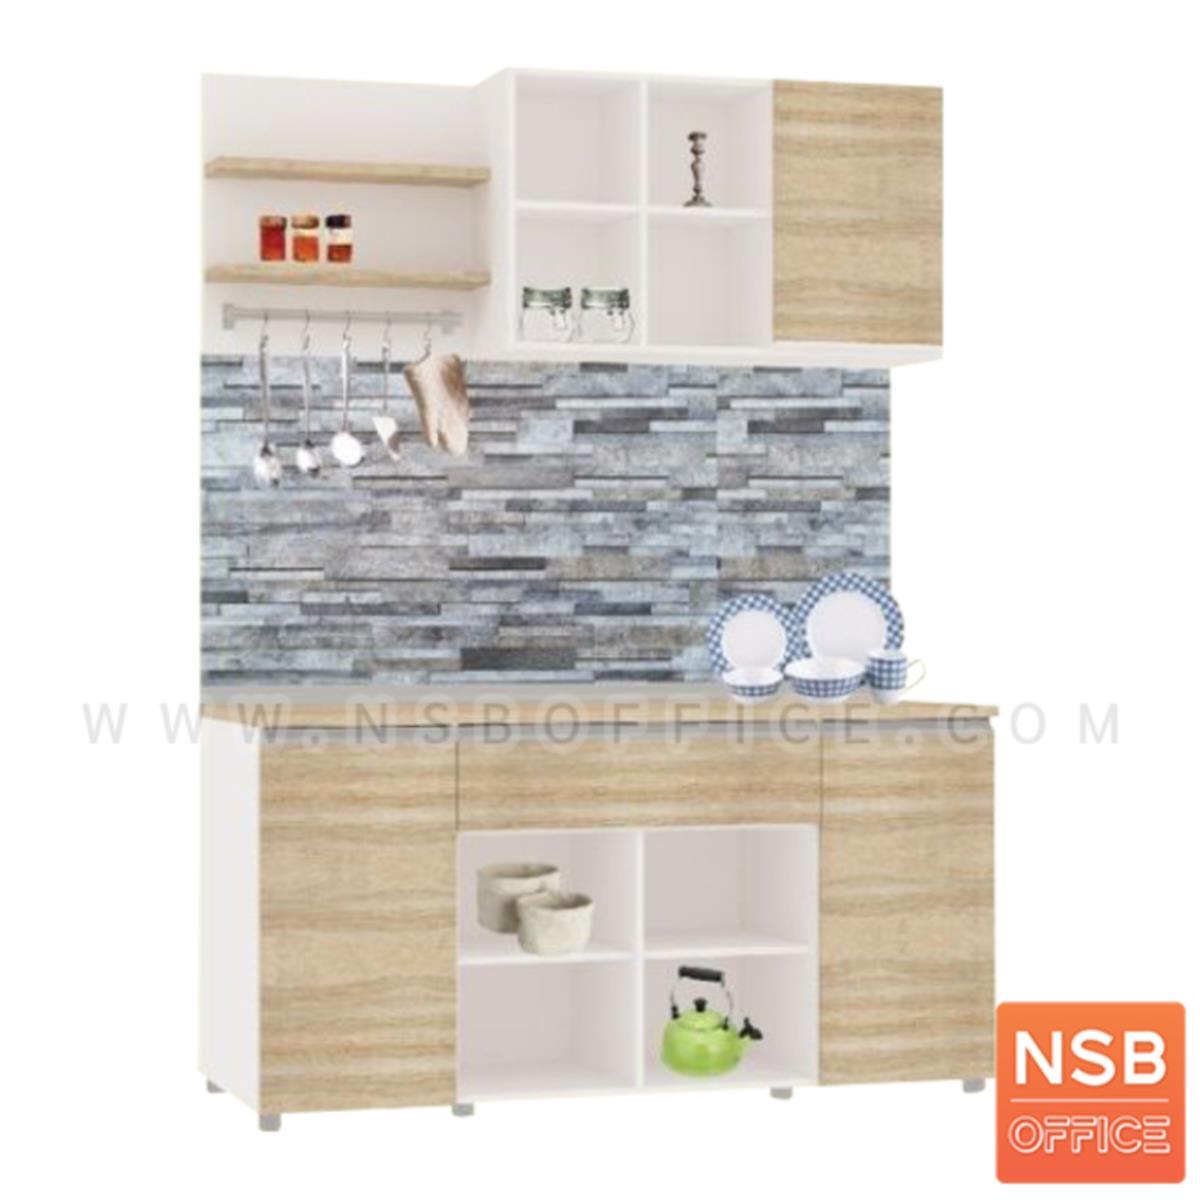 K05A015:ชุดตู้ครัวพร้อมตู้แขวน 2 บานเปิก 1 ลิ้นชัก รุ่น Belen (เบลเลน) ขนาด 160W cm. สีเนเจอร์ทีค-ขาว